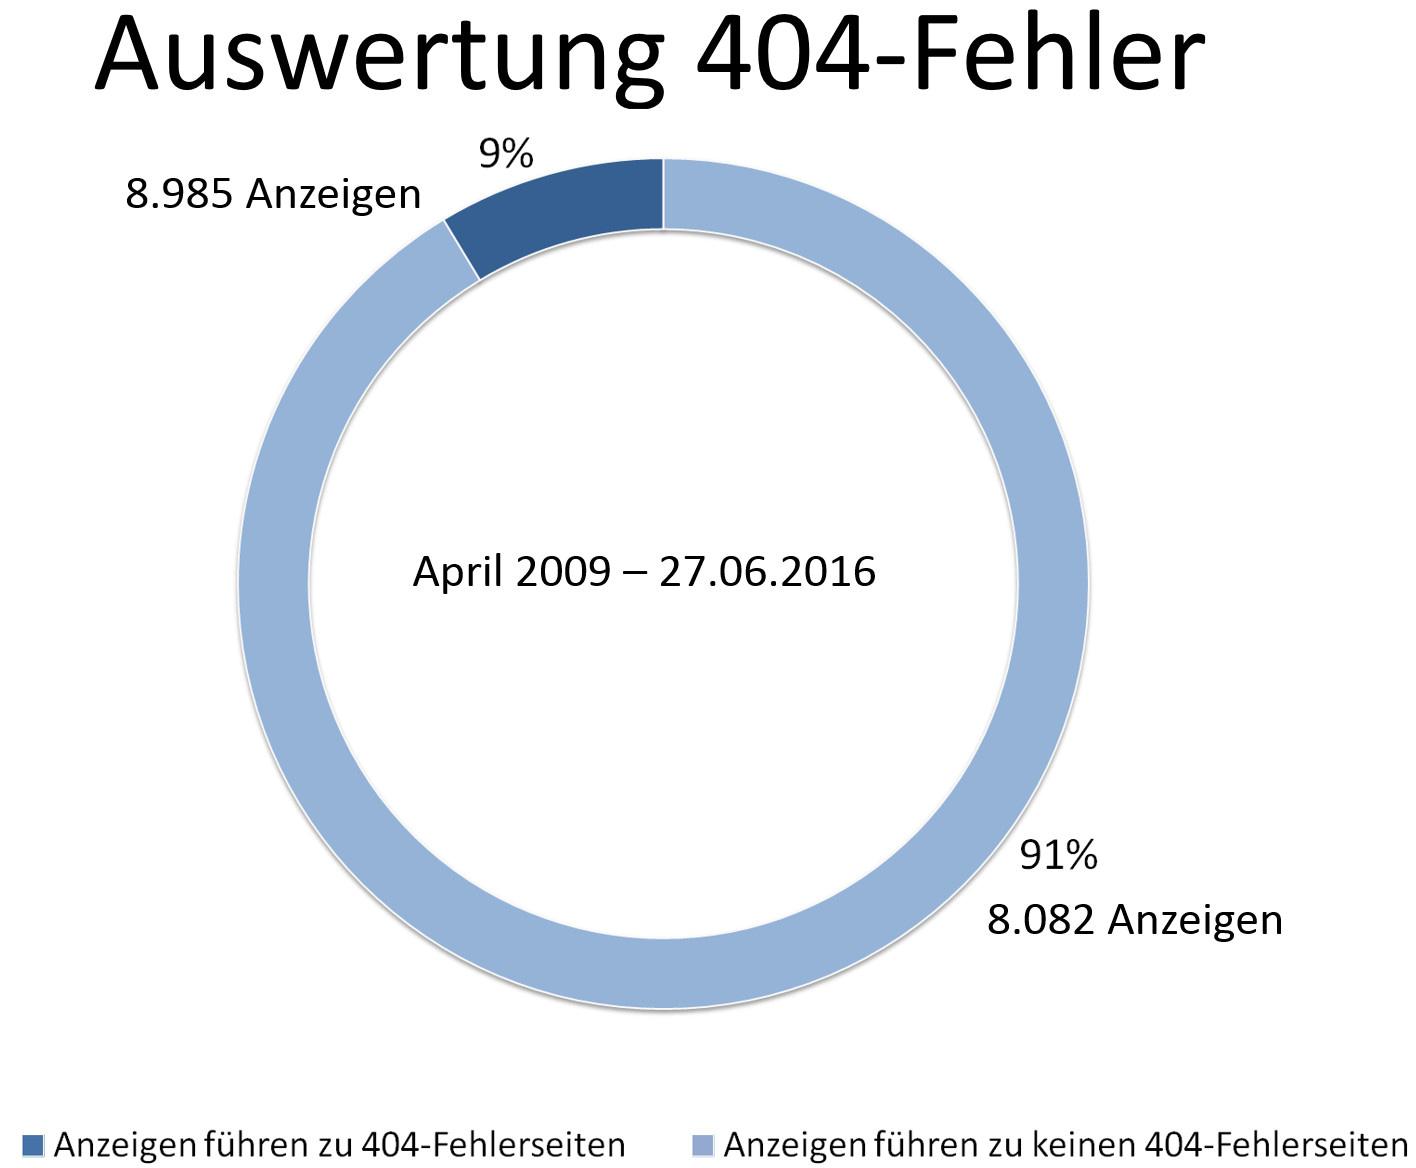 404_fehler